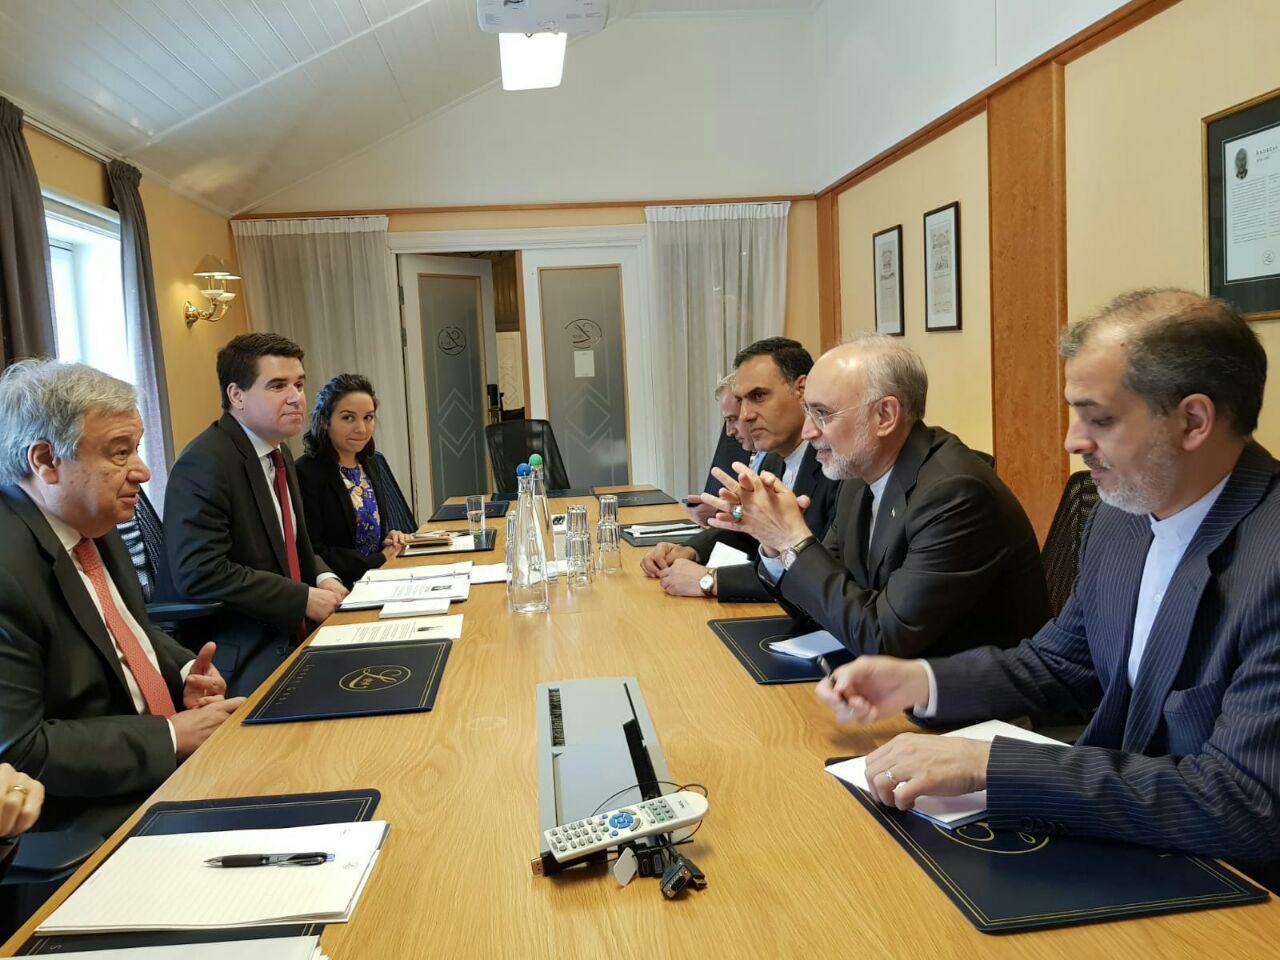 دیدار صالحی با دبیرکل سازمان ملل در نروژ (+عکس)